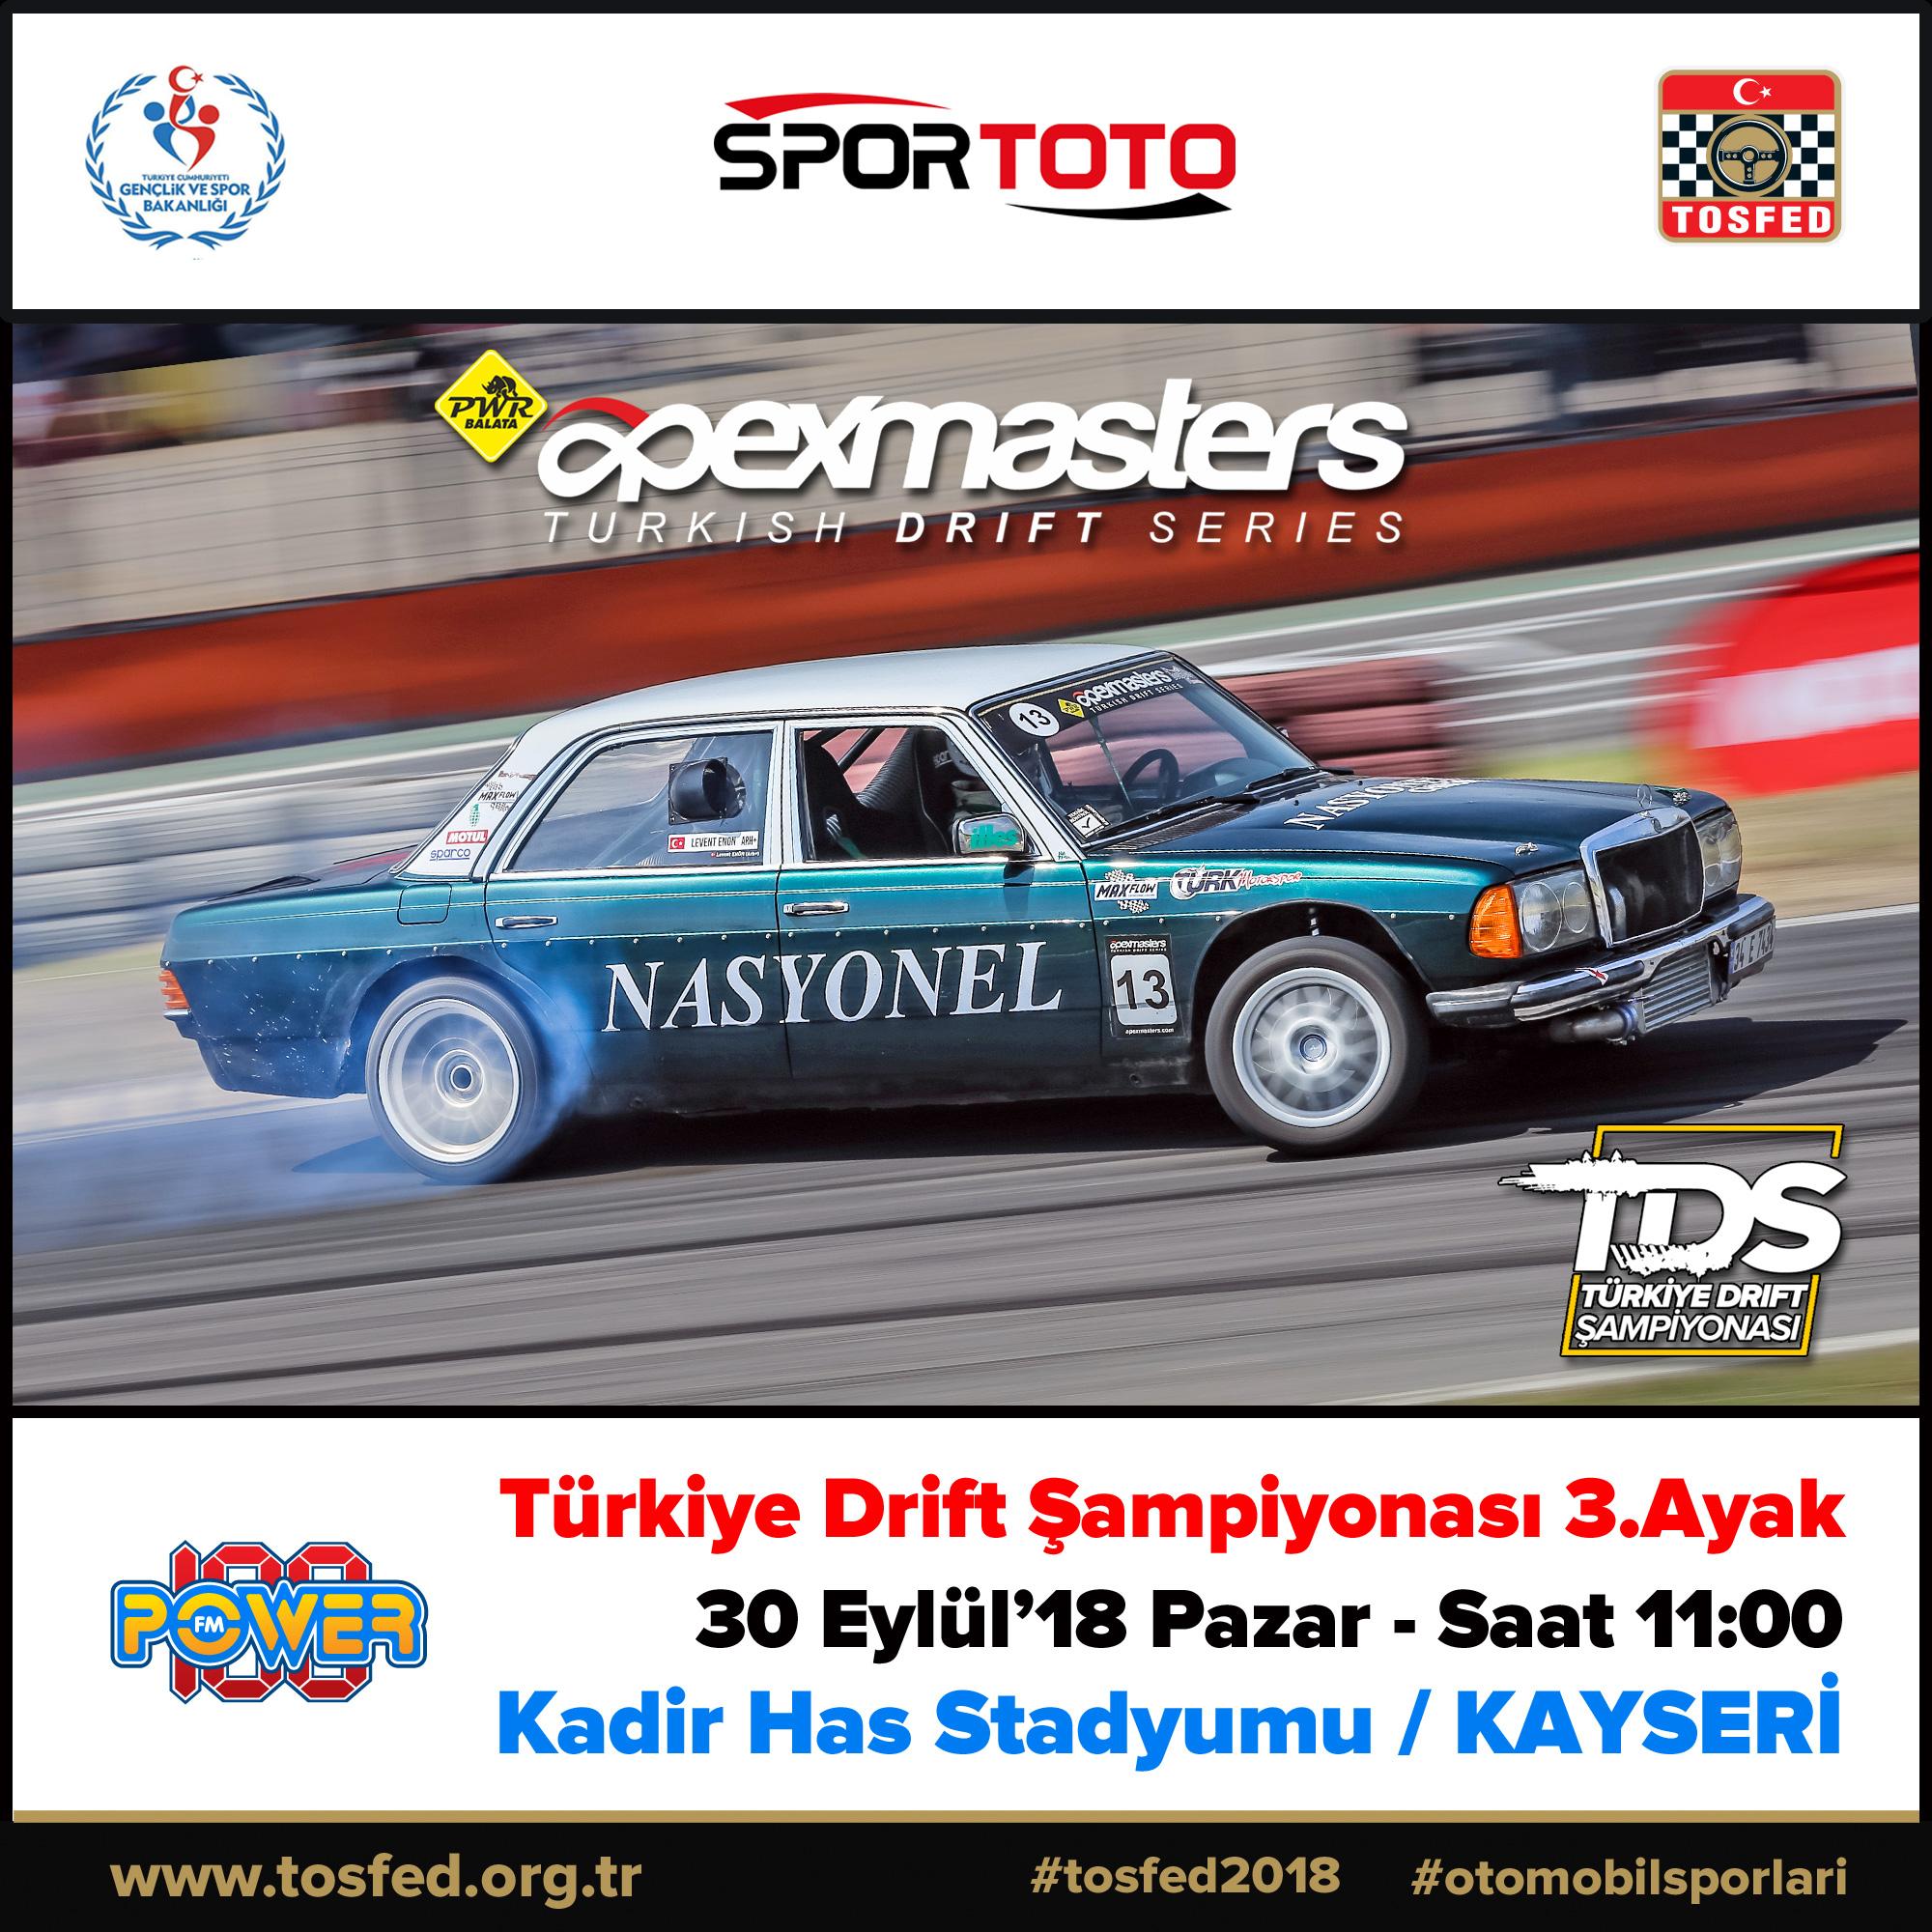 /powerfm/etkinlikler/turkiye-drift-sampiyonasi-3-ayak.html?wpopup=1&colorbox=1